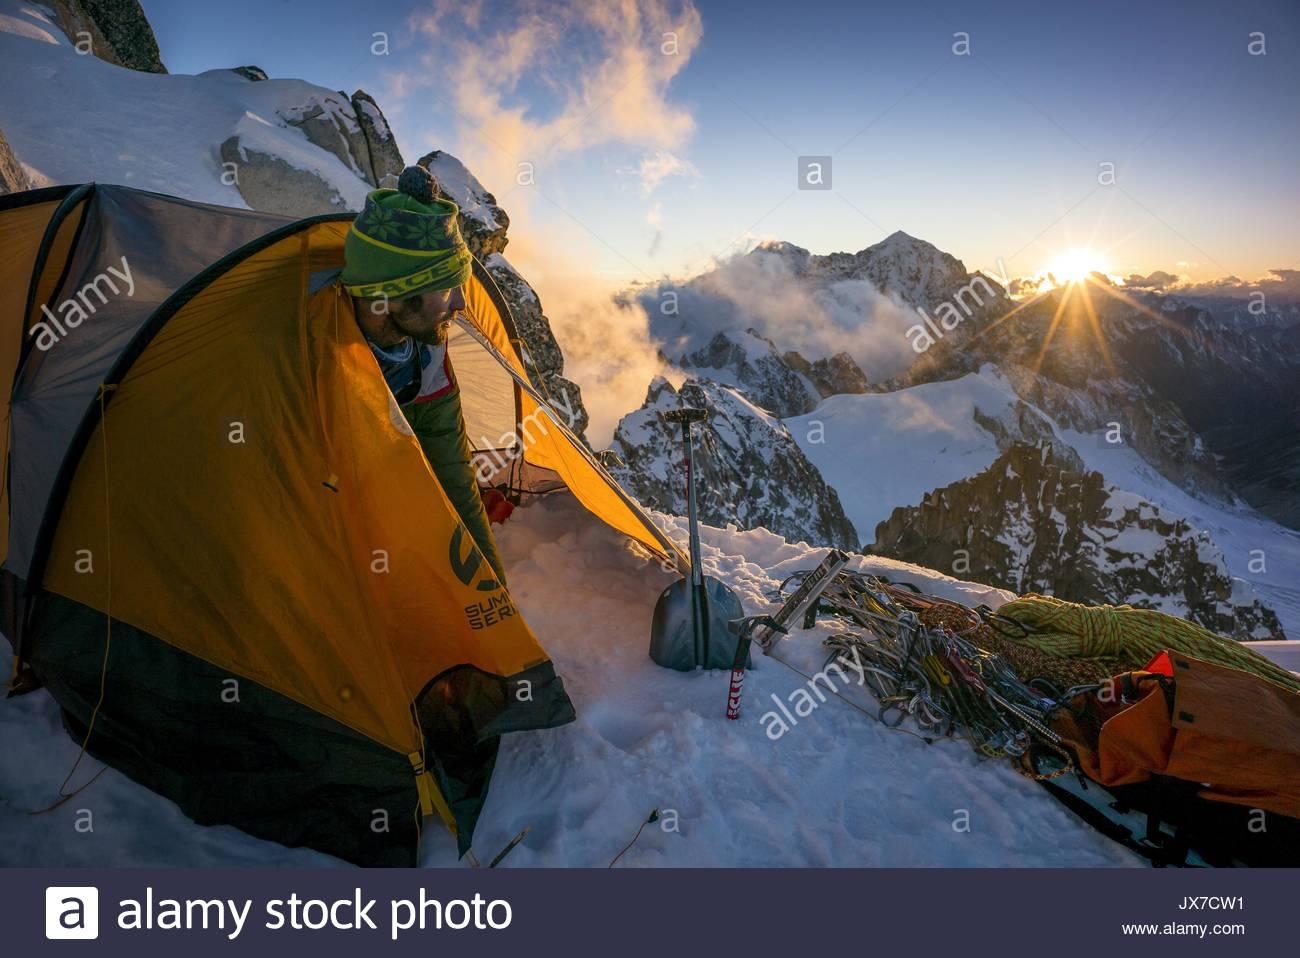 Ein Bergsteiger aus einem Zelt in Lager III wie die Sonne mit Gamalang Razi in der Ferne. Stockbild